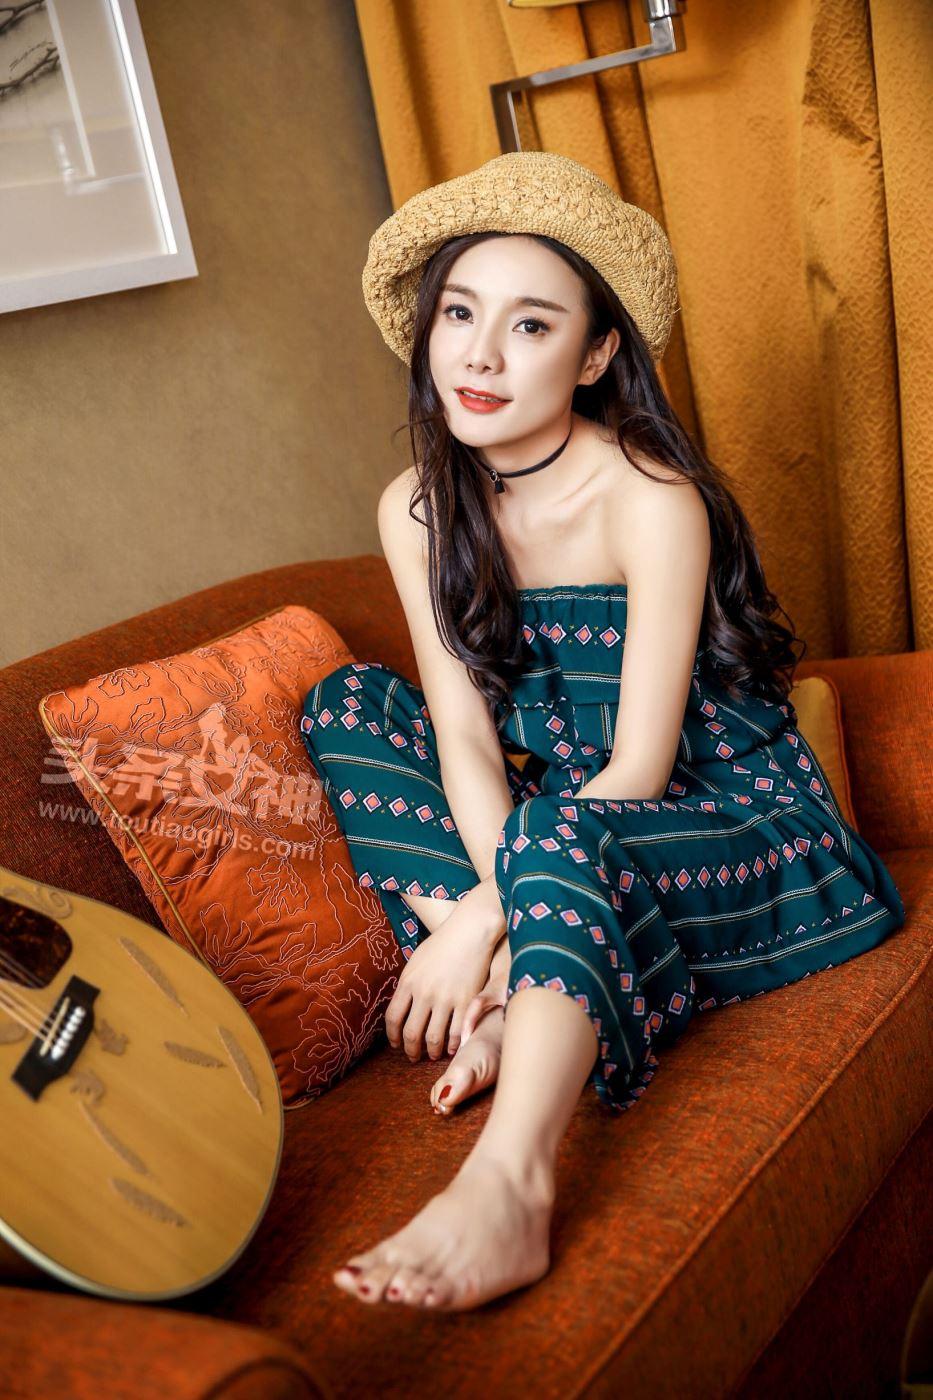 甜美可爱清纯美女模特黄淑华吉他女神唯美写真图片